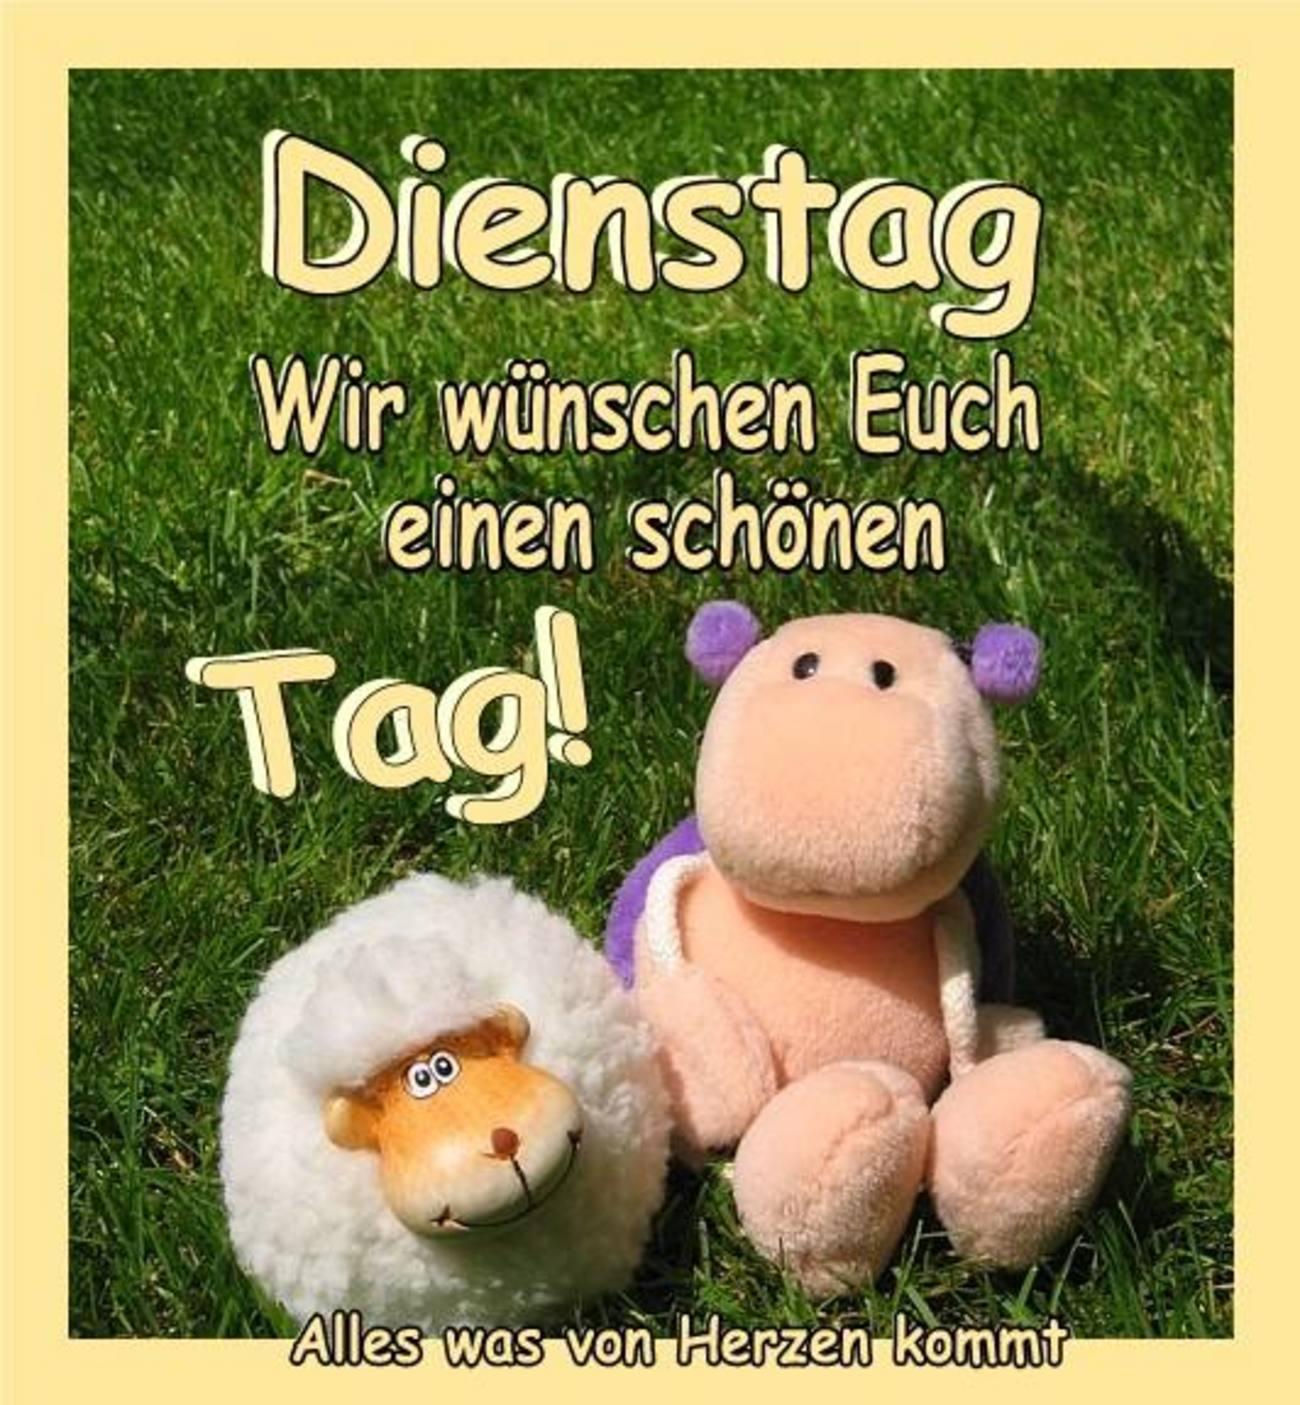 Guten Morgen Schönen Dienstag Freunde 98 Gbpicsbildercom